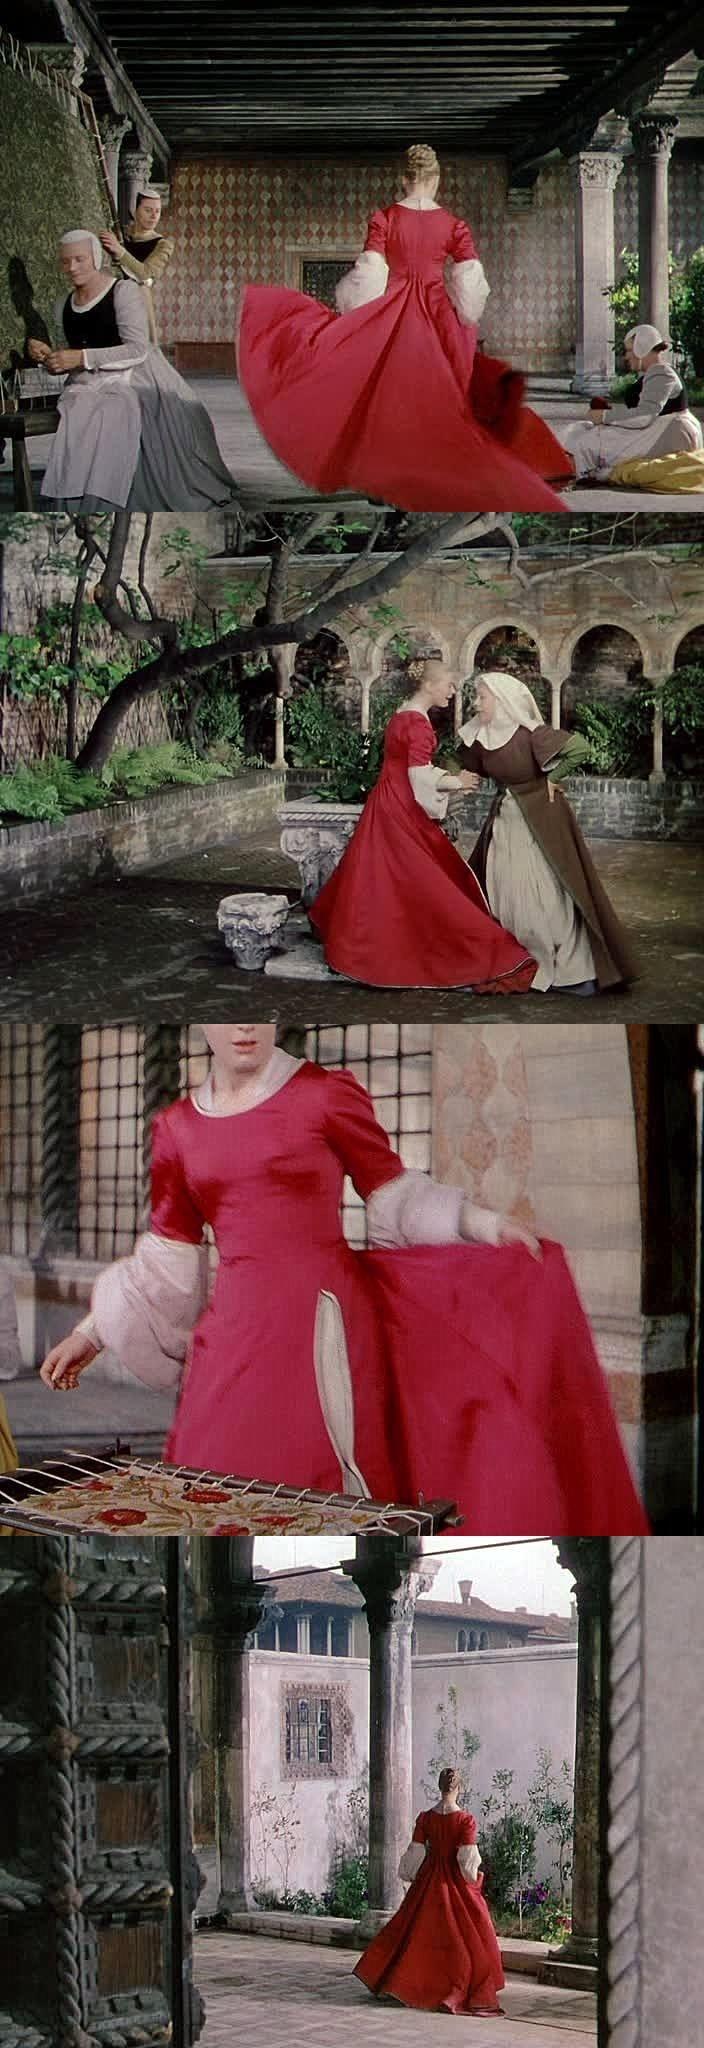 """""""Ромео и Джульетта"""" (Romeo and Juliet, 1954) Джульетта в красном платье томится в ожидании кормилицы с посланием от Ромео.  Визуально совершенный фильм Ренато Кастеллани. Каждый кадр будто ожившее полотно лучшиx образцов живописи итальянского Возрождения."""